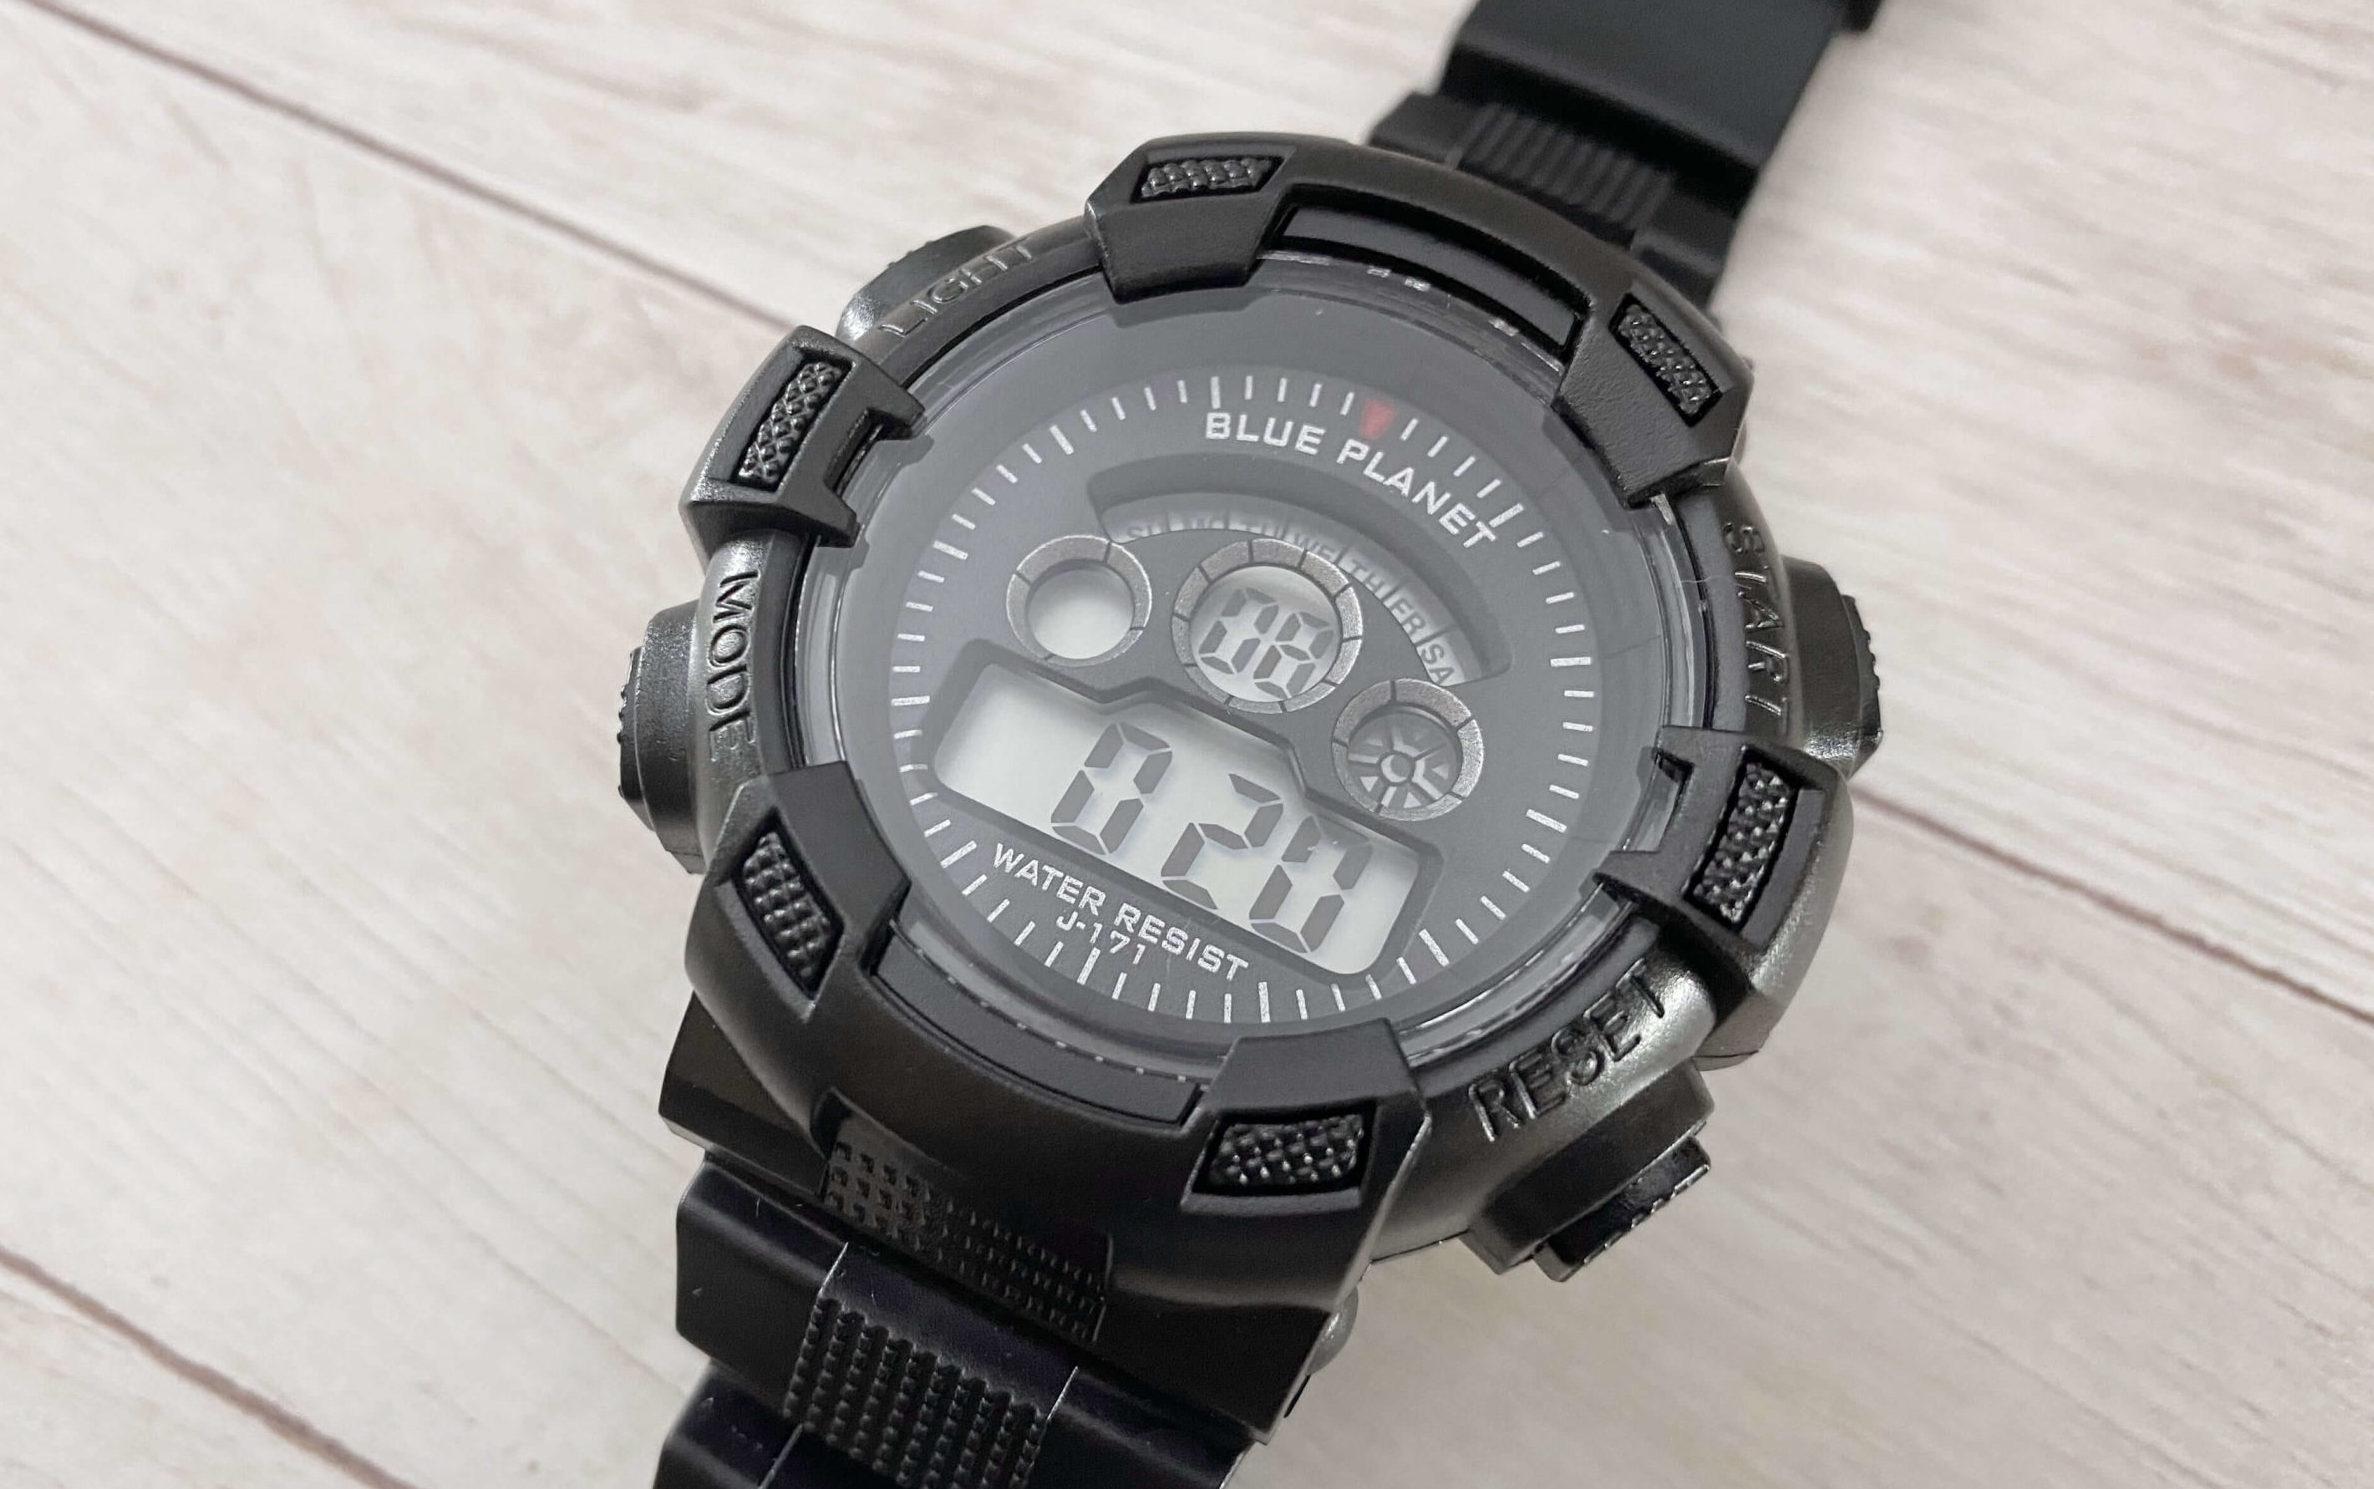 ダイソー腕時計ブループラネットGのストップウォッチ機能